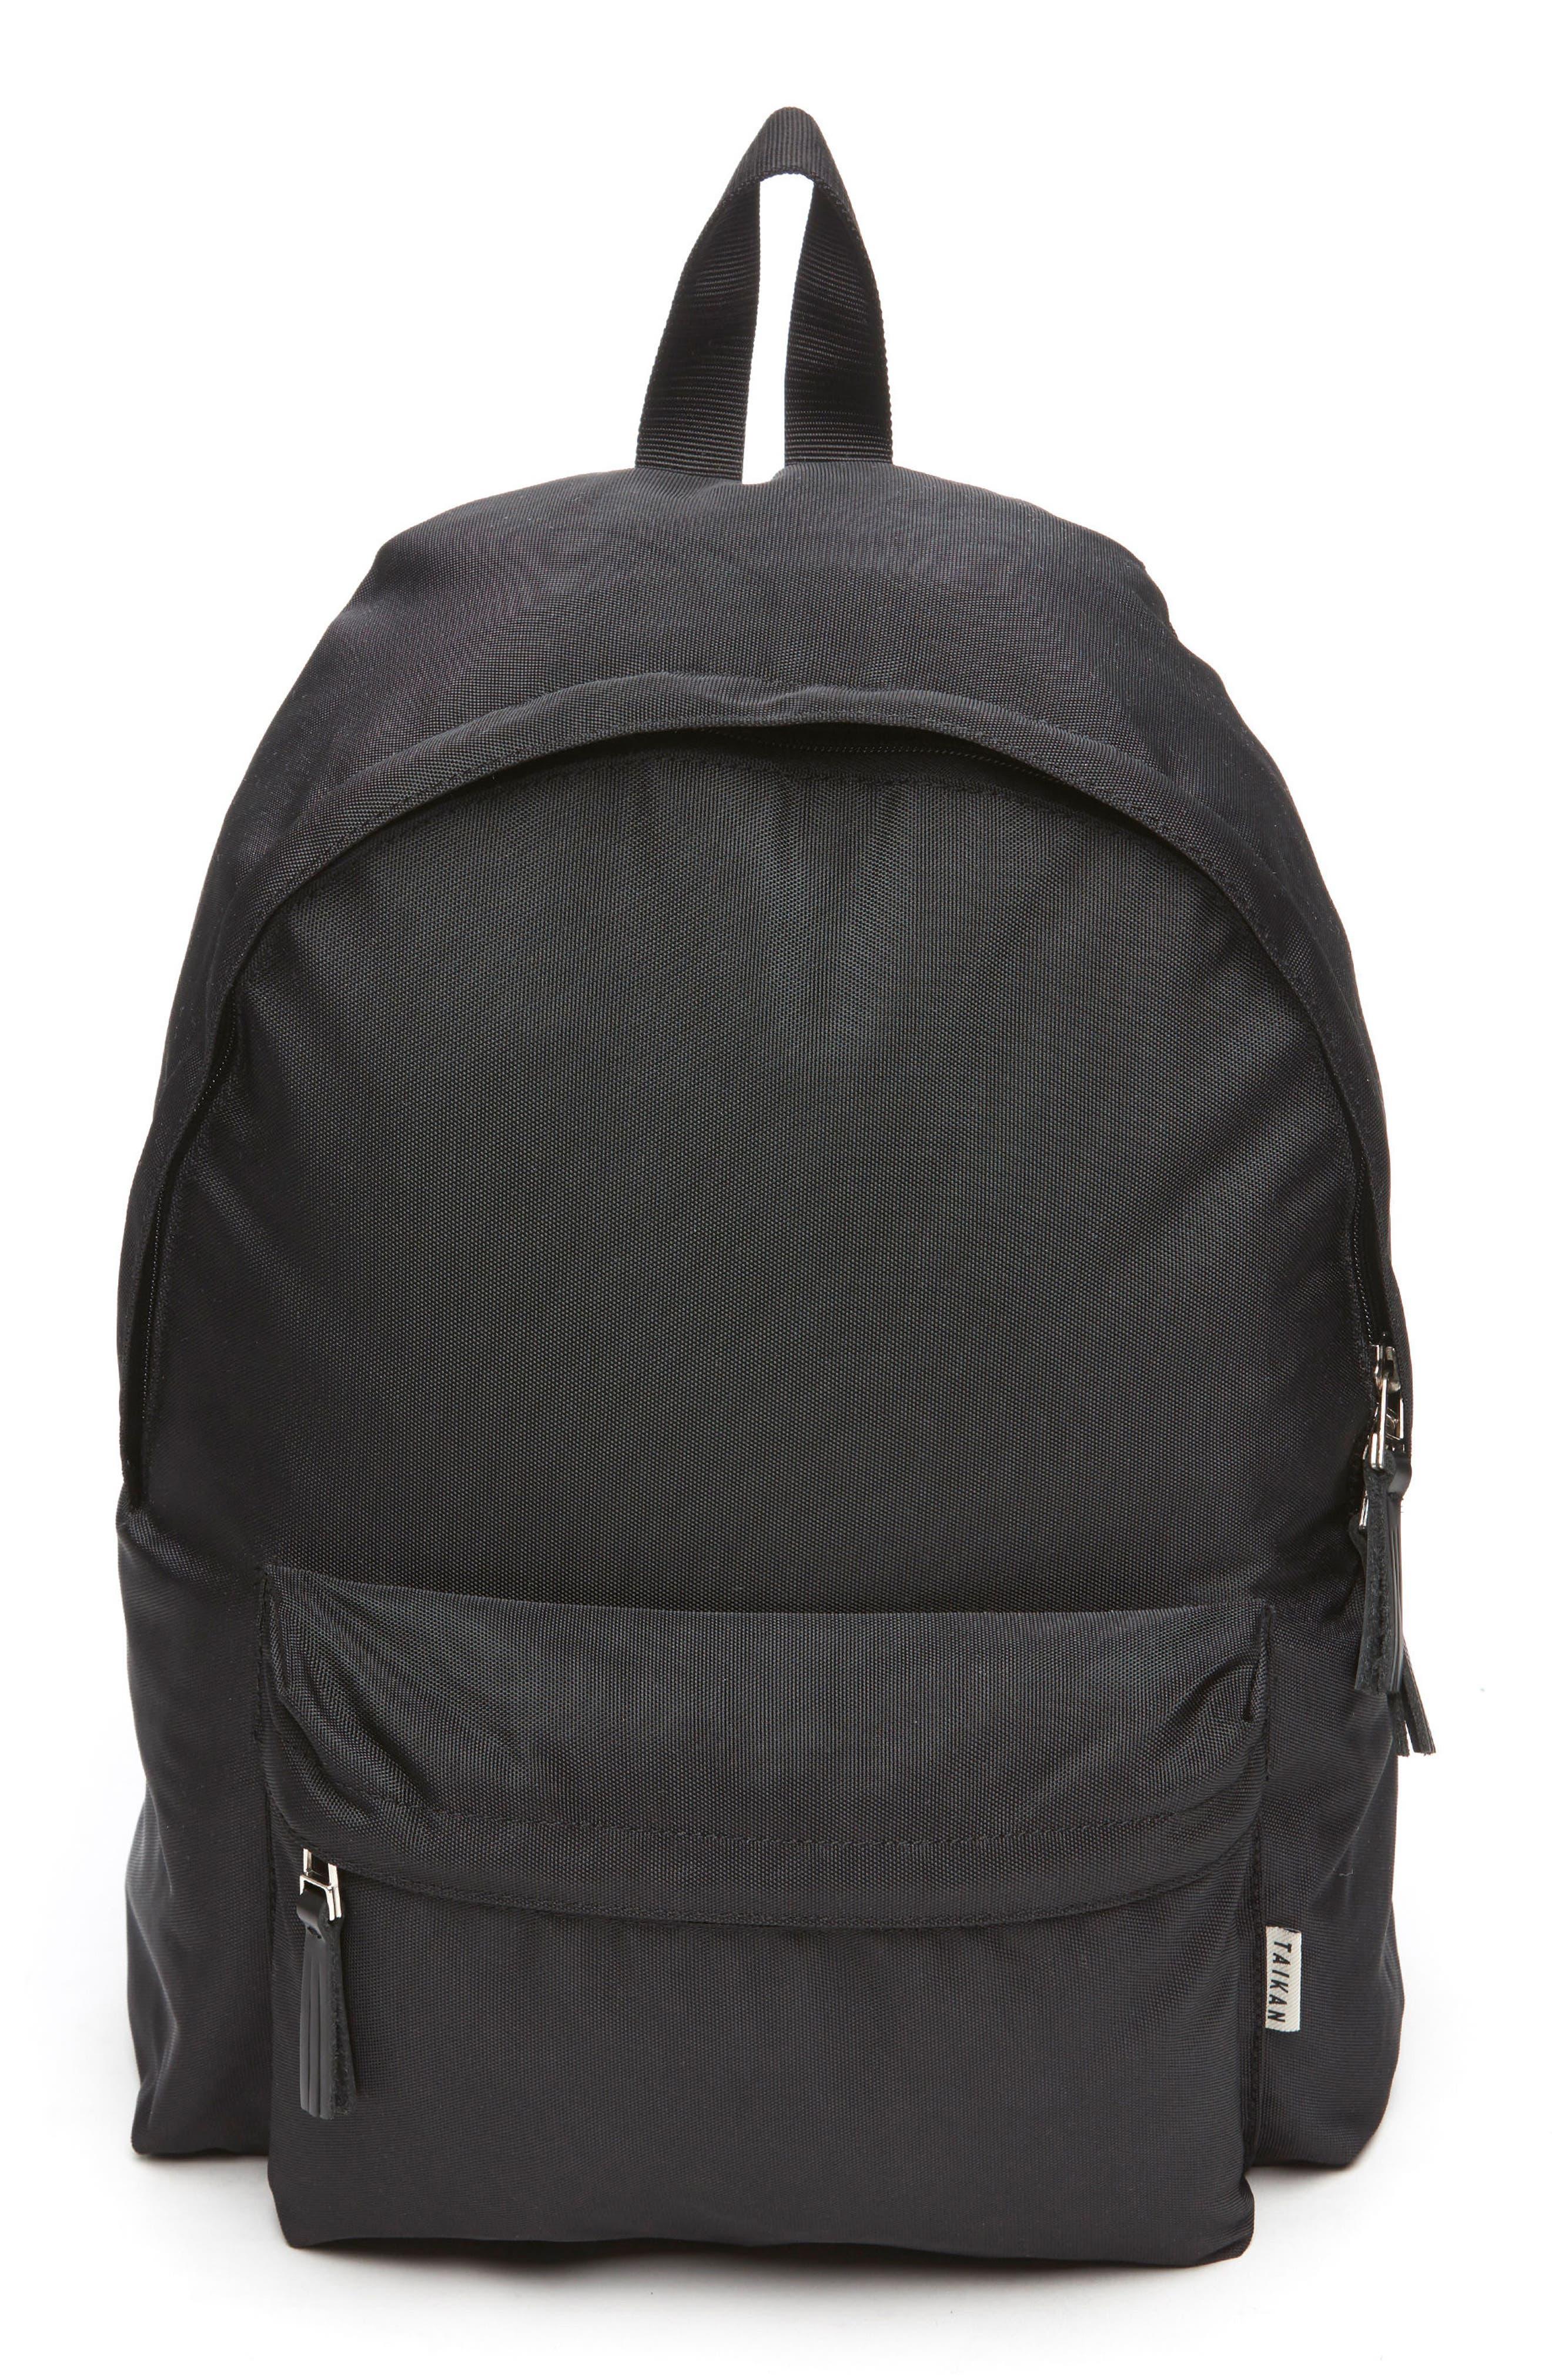 Hornet Backpack,                         Main,                         color, MATTE BLACK